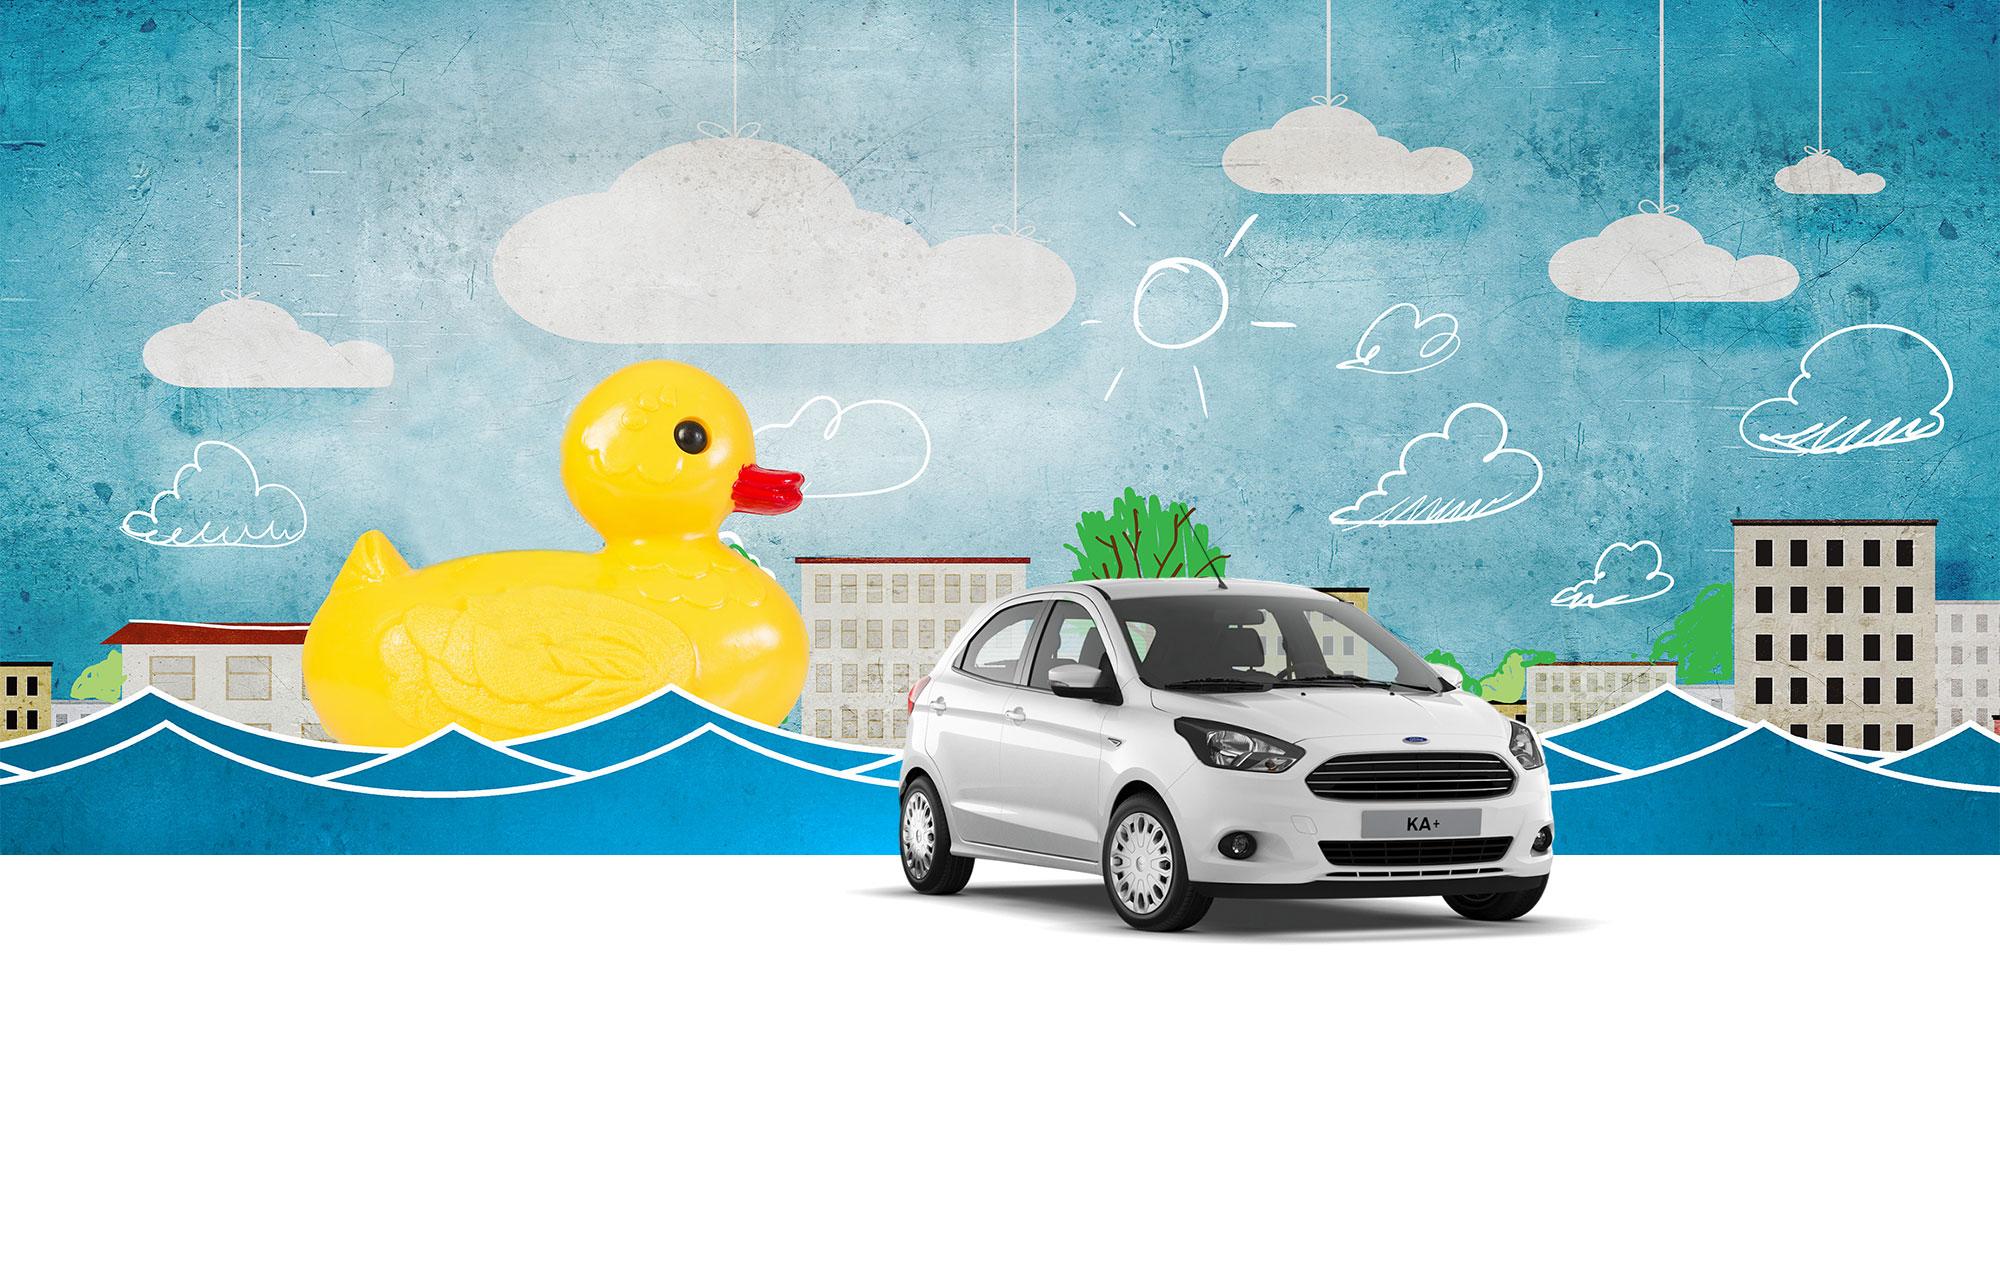 Canard sur Saône : Joignez la compétition et gagnez une Nouvelle Ford KA+